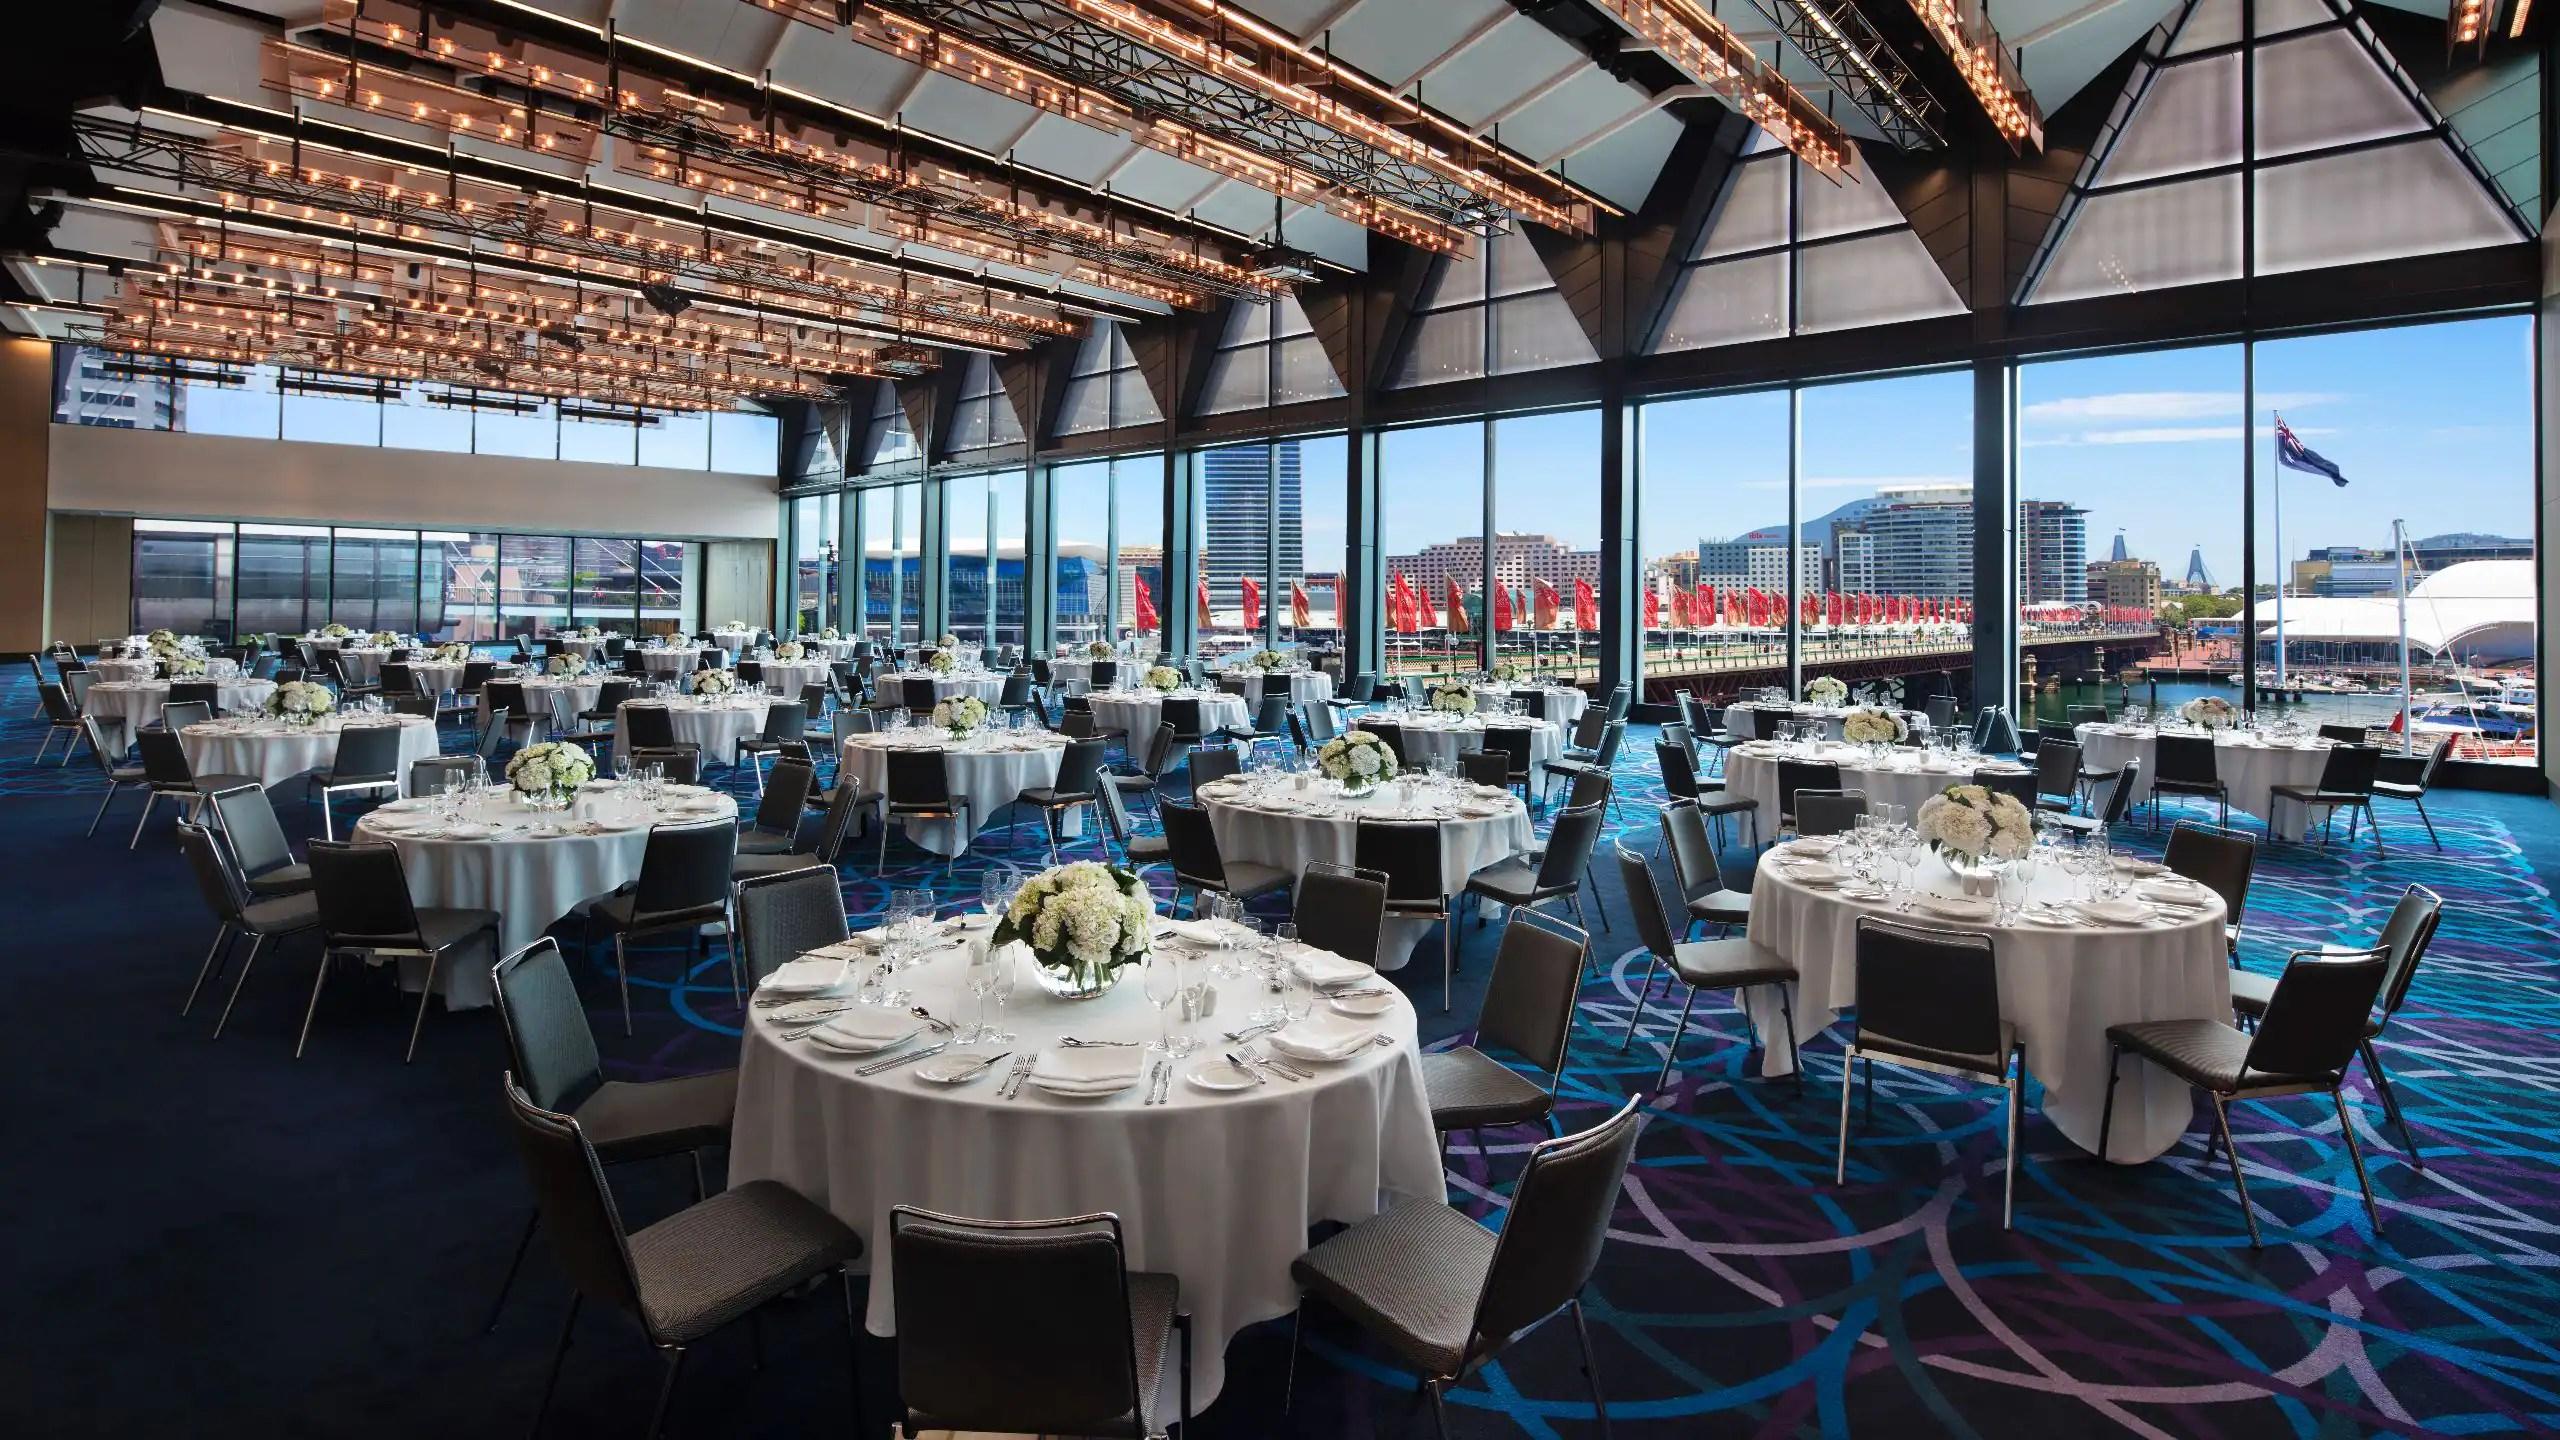 Darling Harbour Functions & Events Venues Hyatt Regency